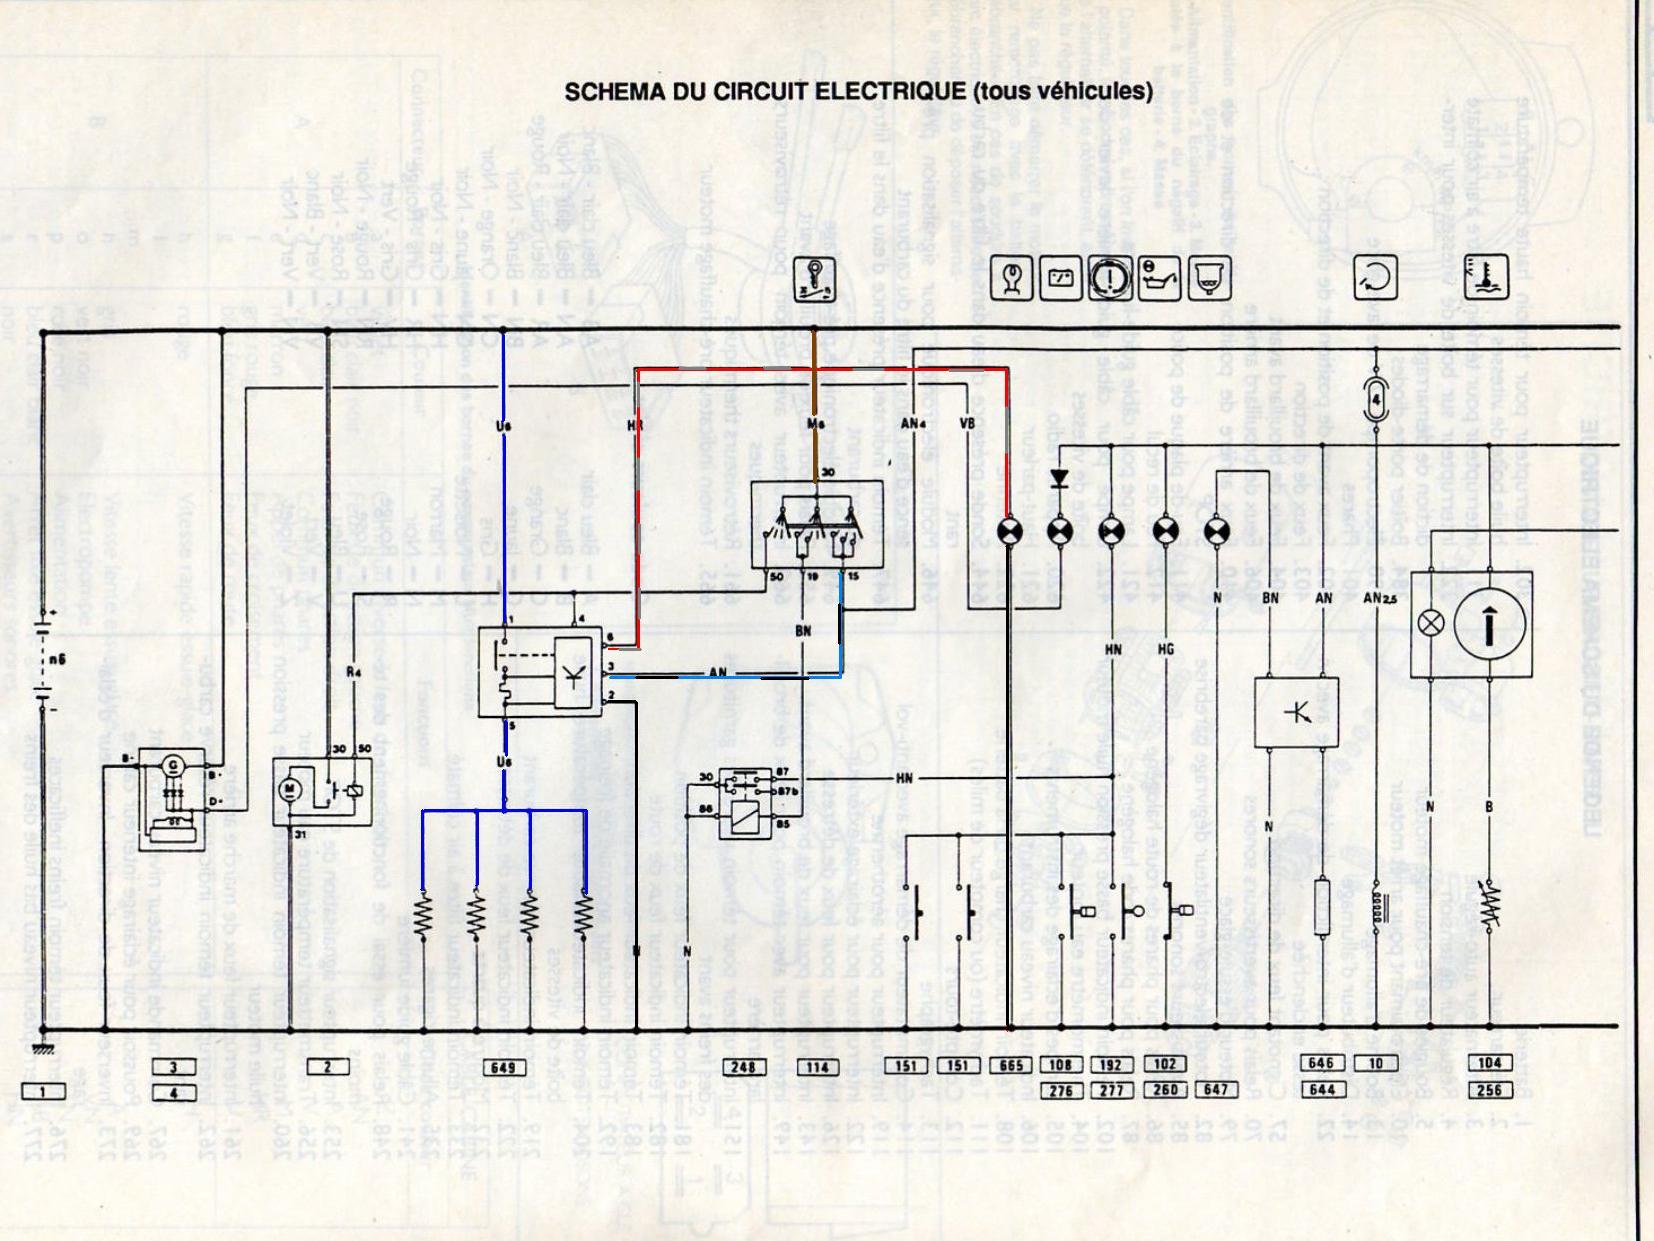 Schemi Elettrici In Pdf : Schemi elettrici macchine industriali materasso came